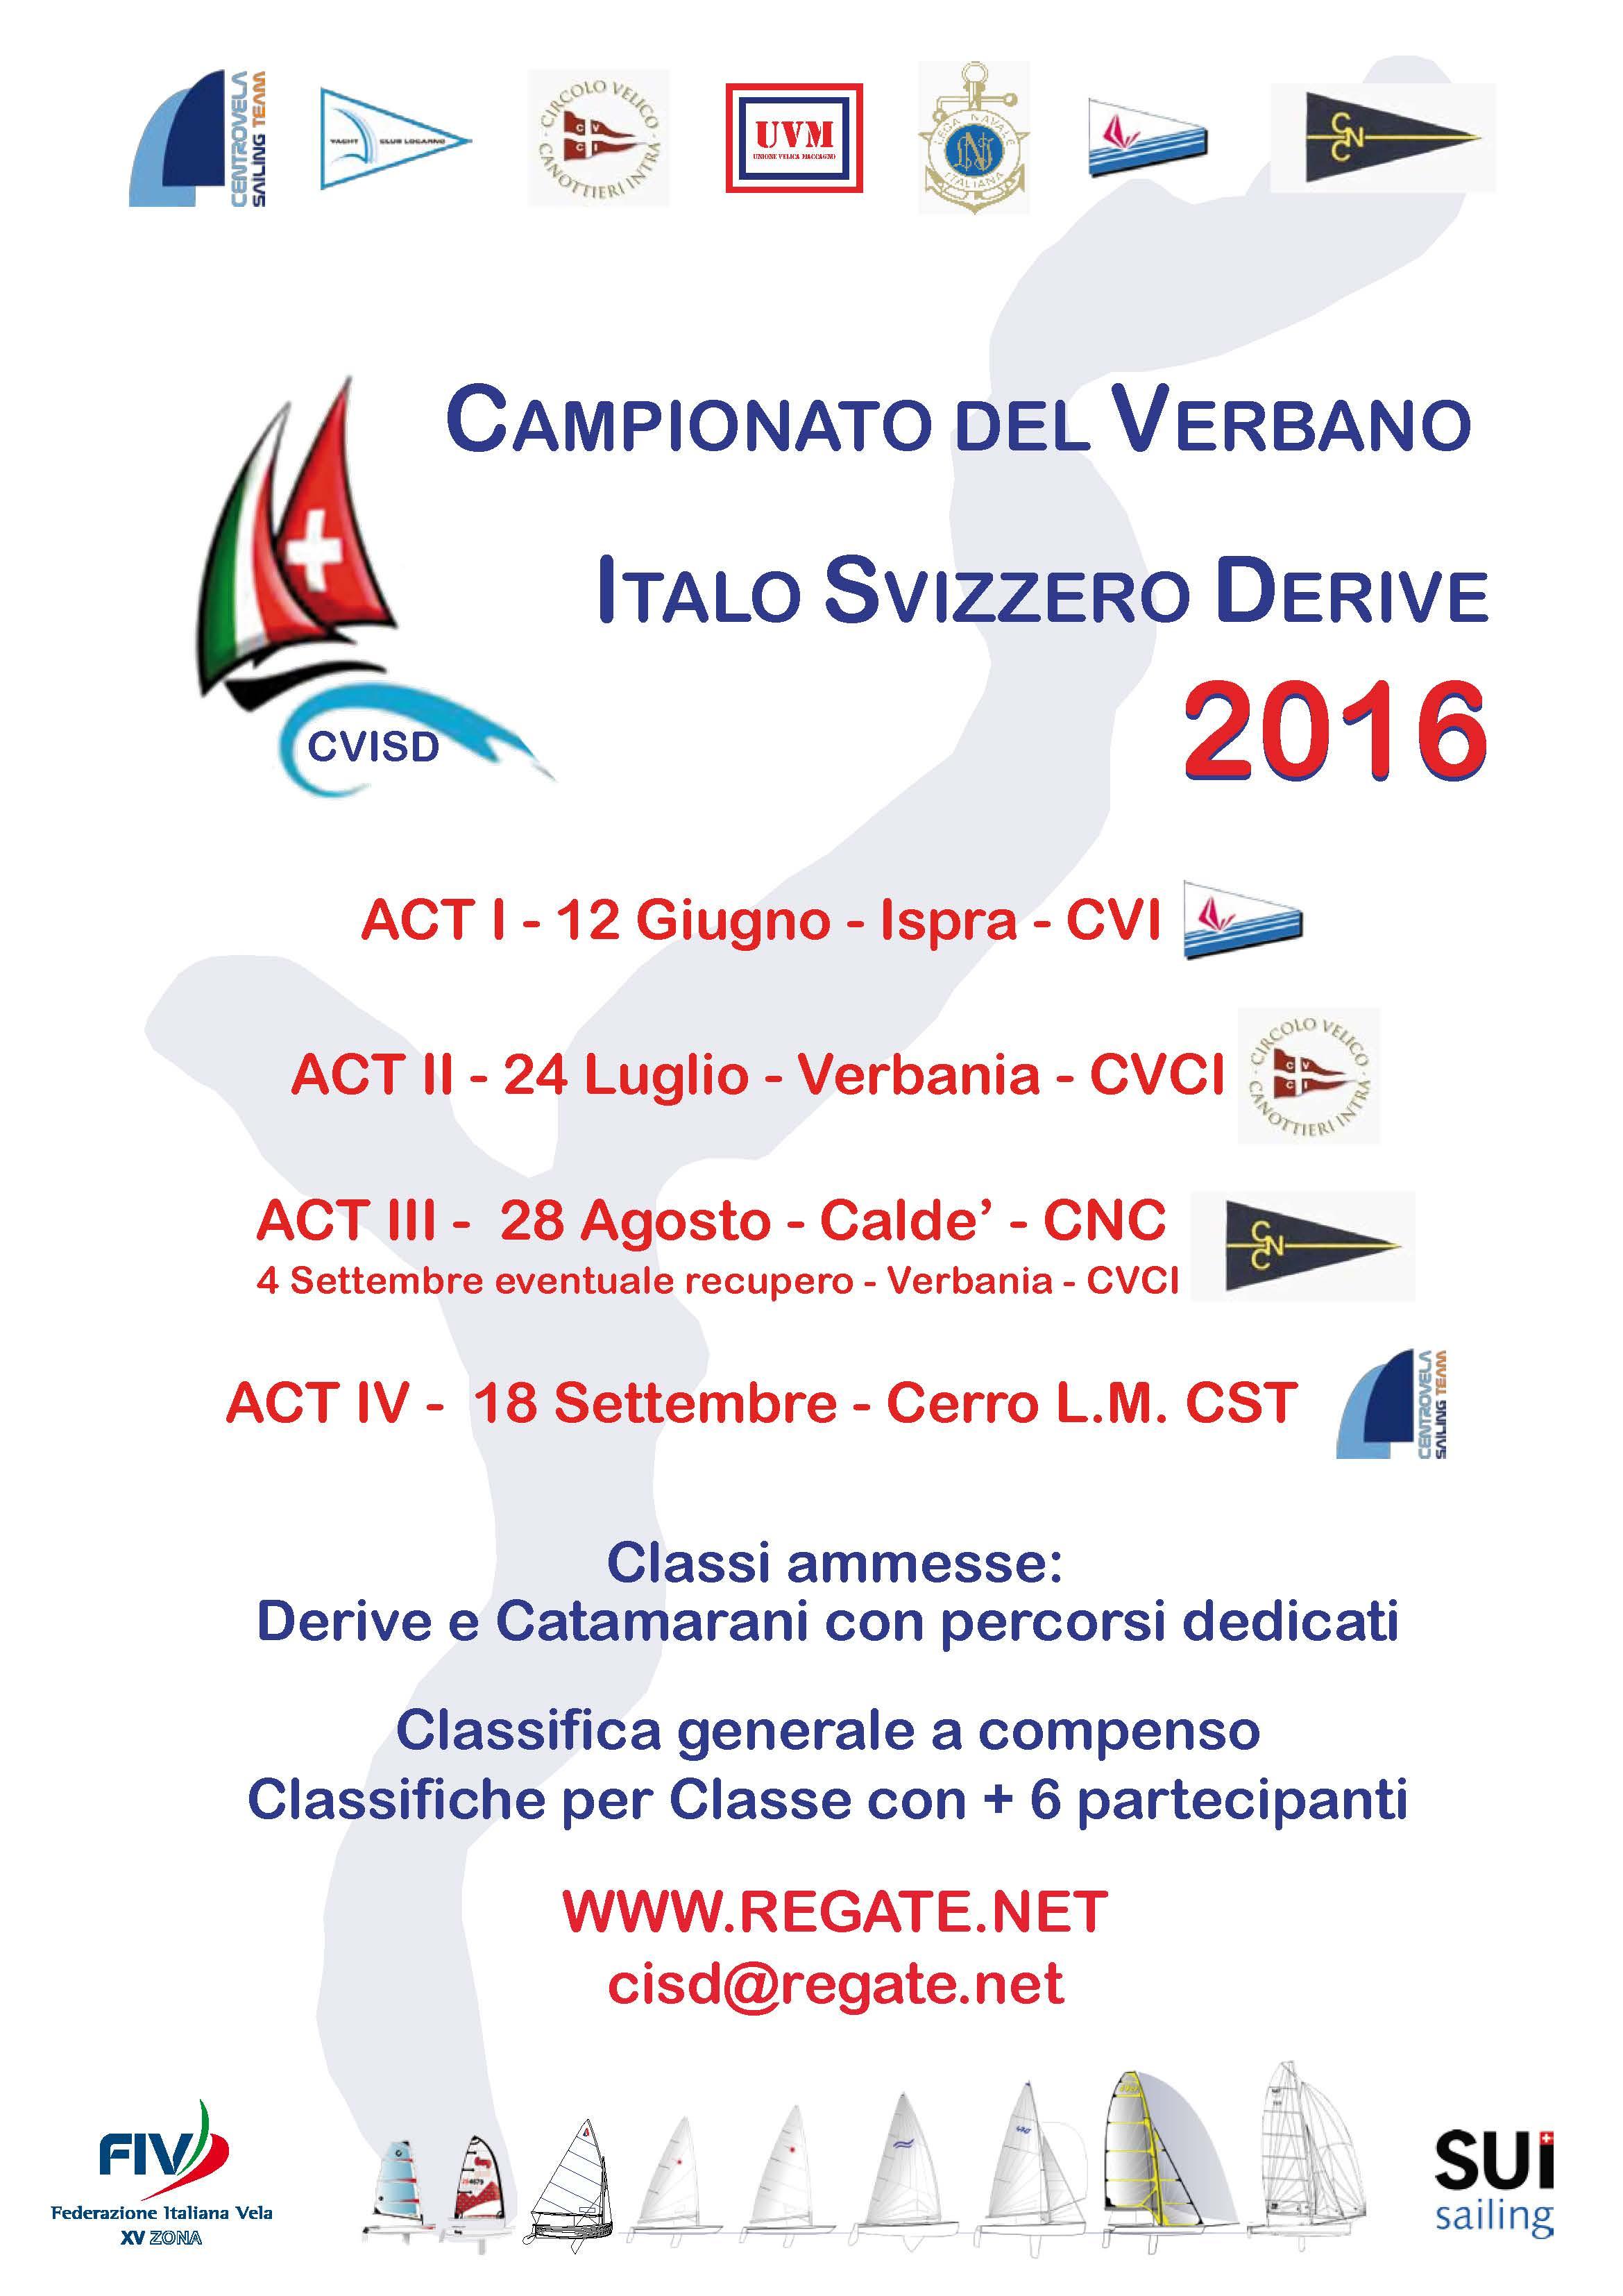 Campionato del Verbano Italo Svizzero derive